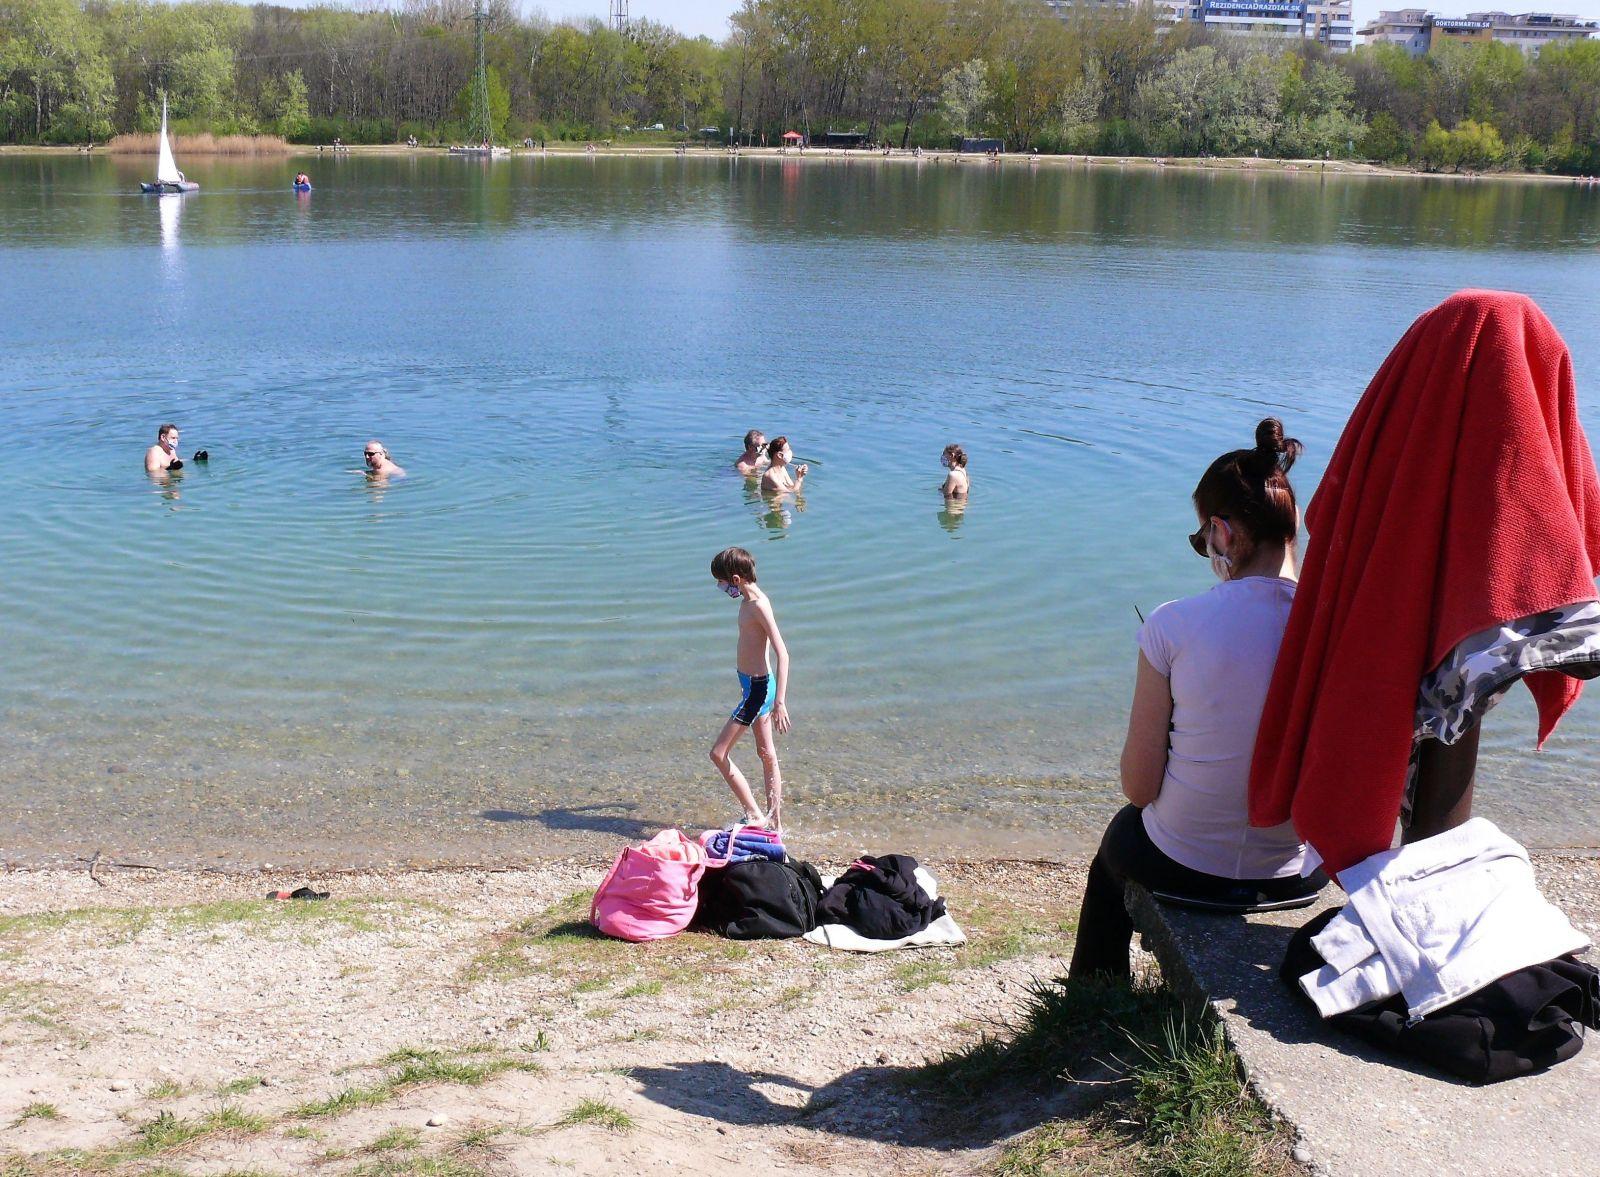 Bratislavčania sa opaľujú a kúpu, ako by sa nič nedialo. Veľký Draždiak je preplnený ľuďmi aj napriek obmedzeniu